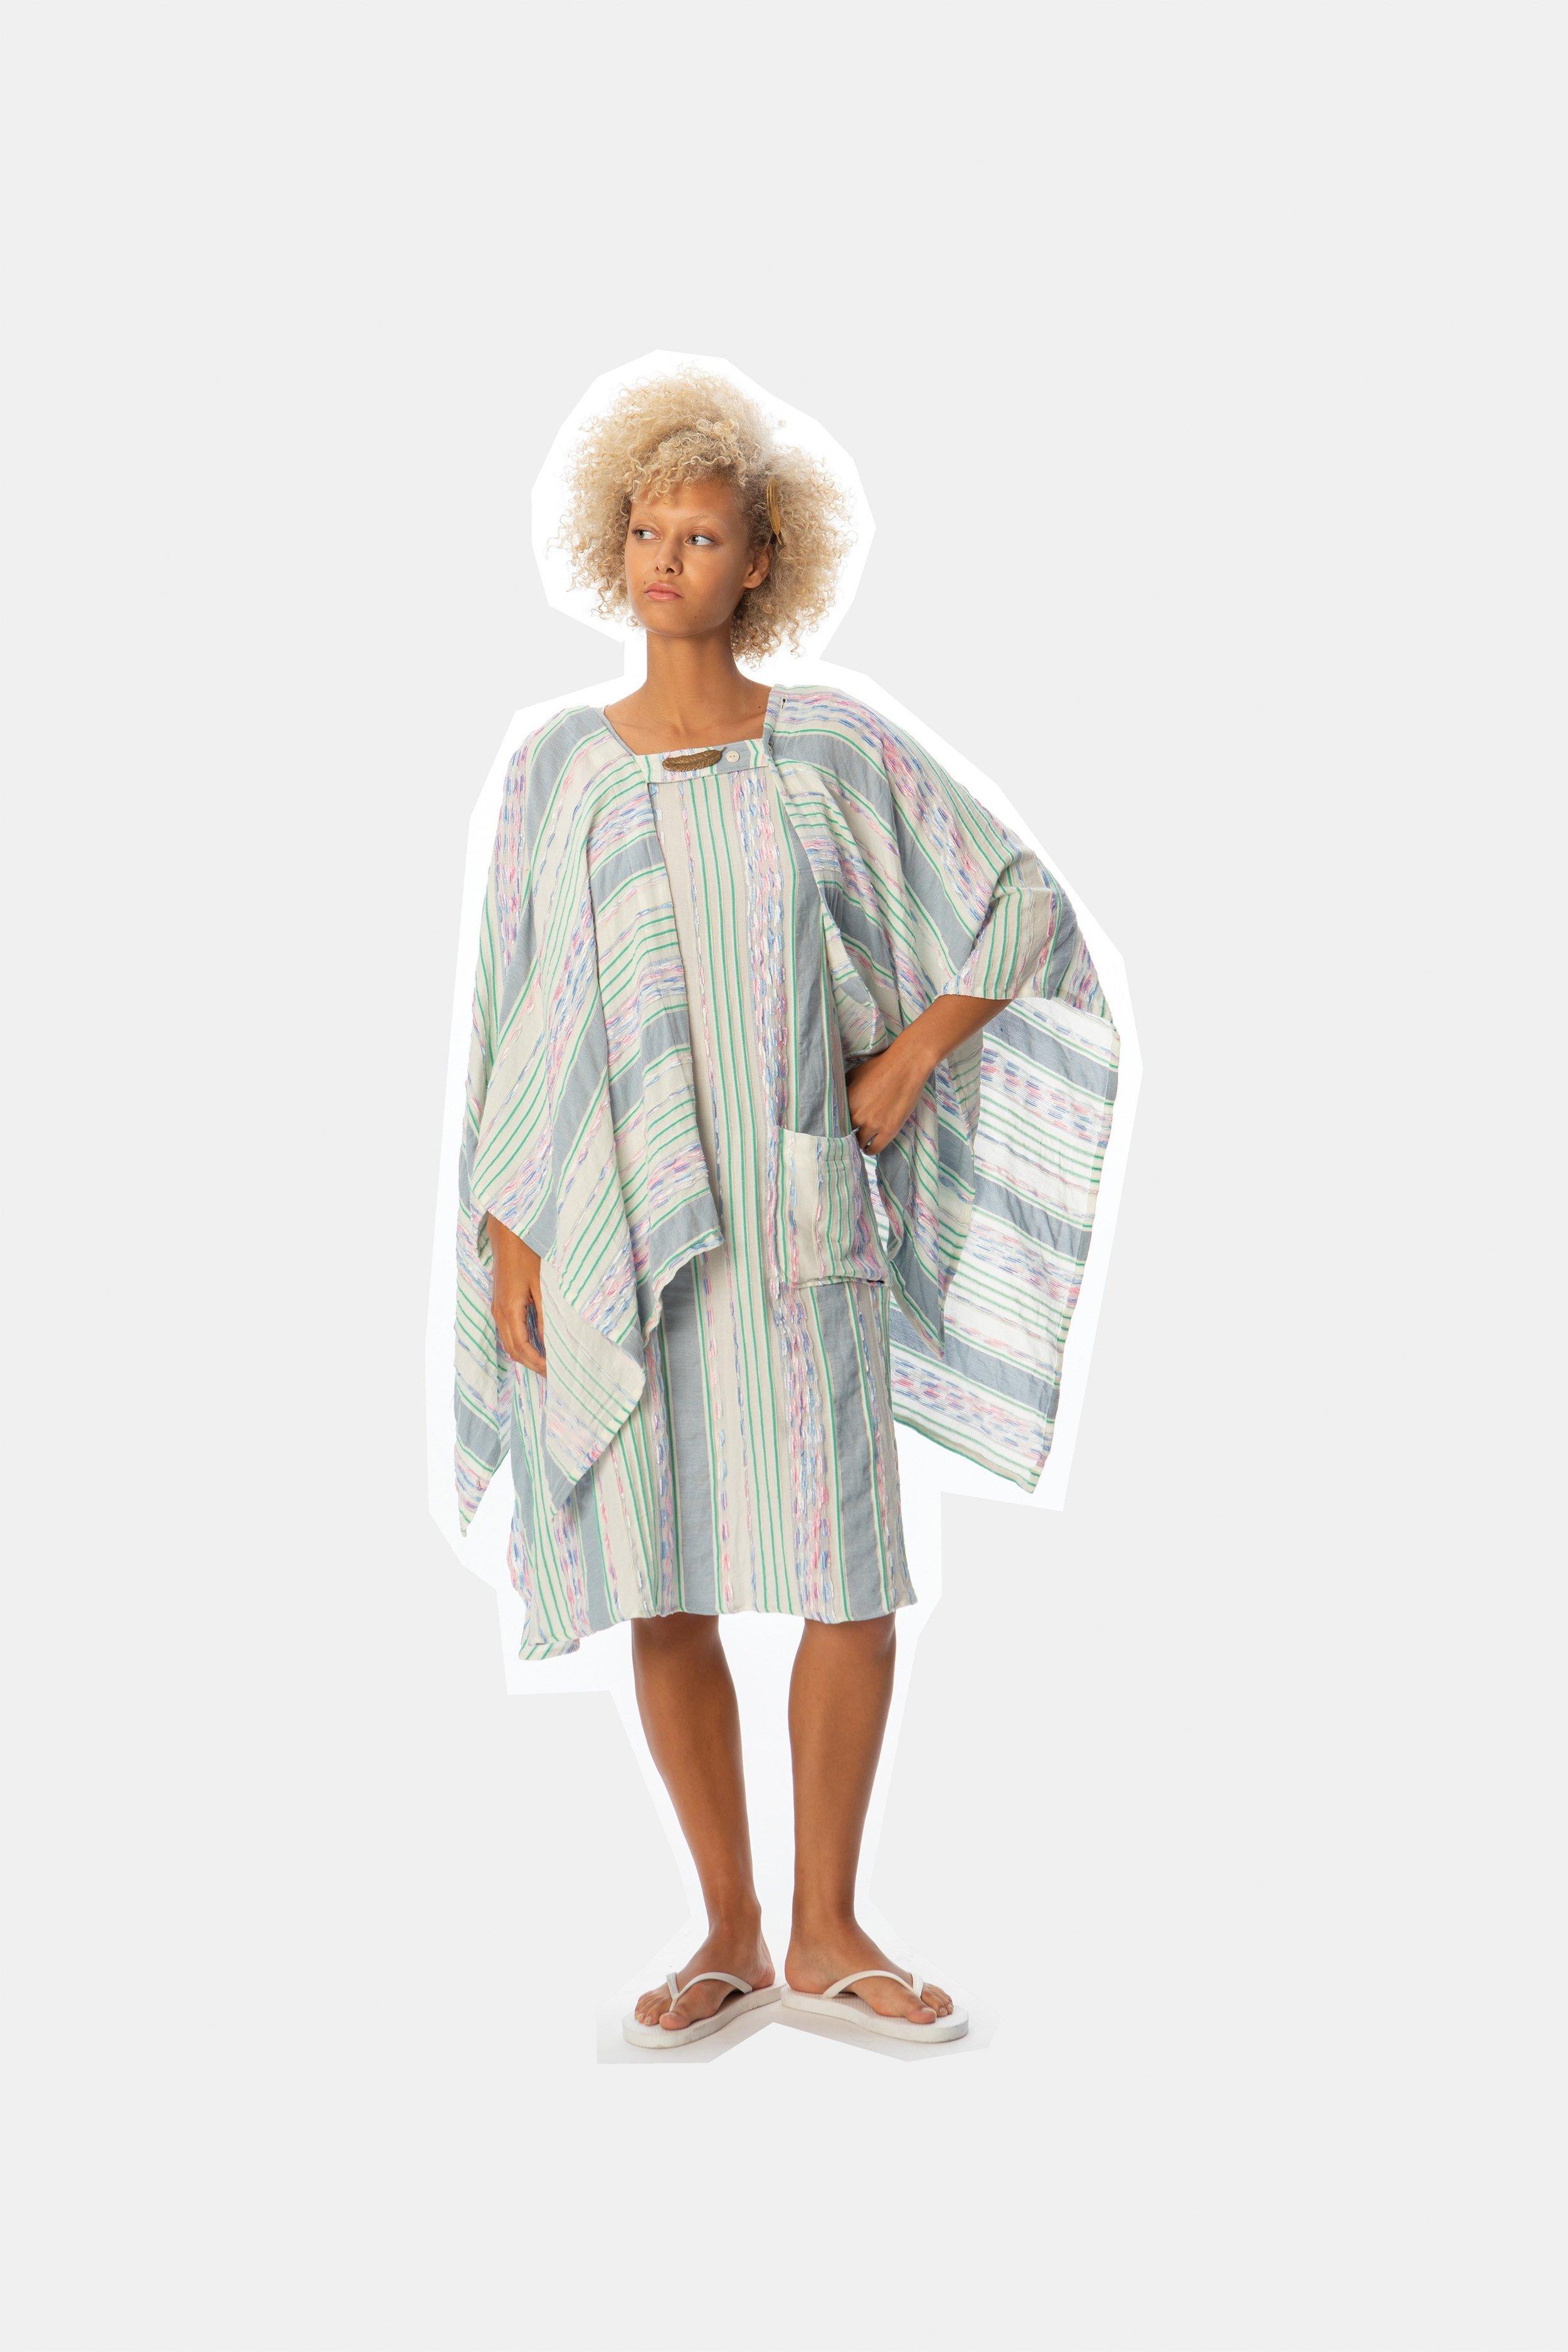 00009-Engineered-Garments-Mens-Spring-2020.jpg